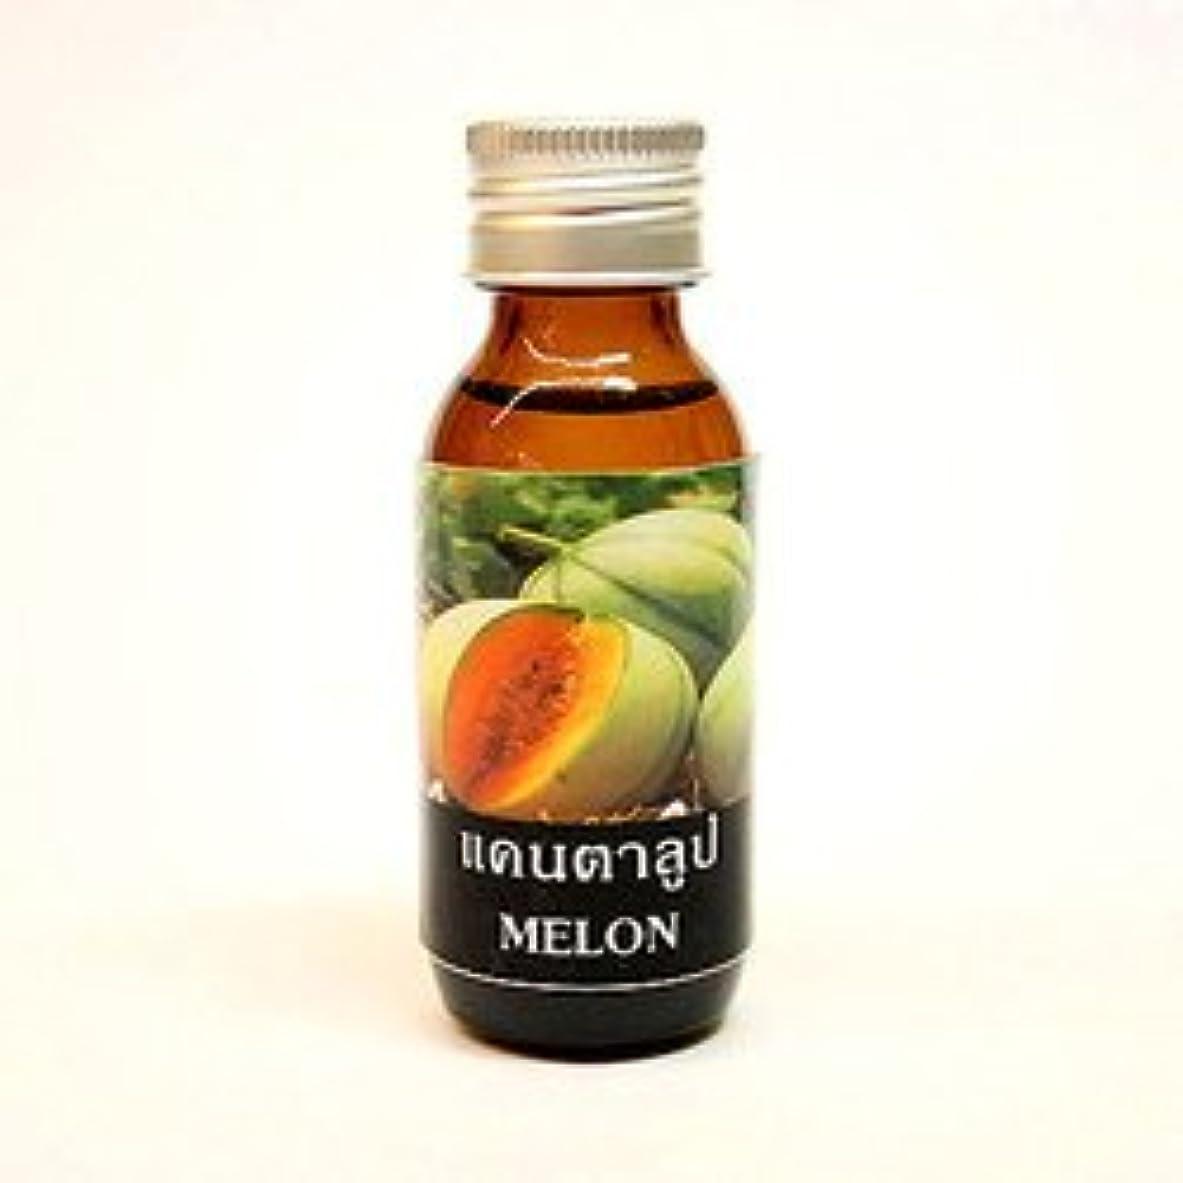 メロン 〔MELON〕 アロマテラピーオイル 30ml アジアン雑貨